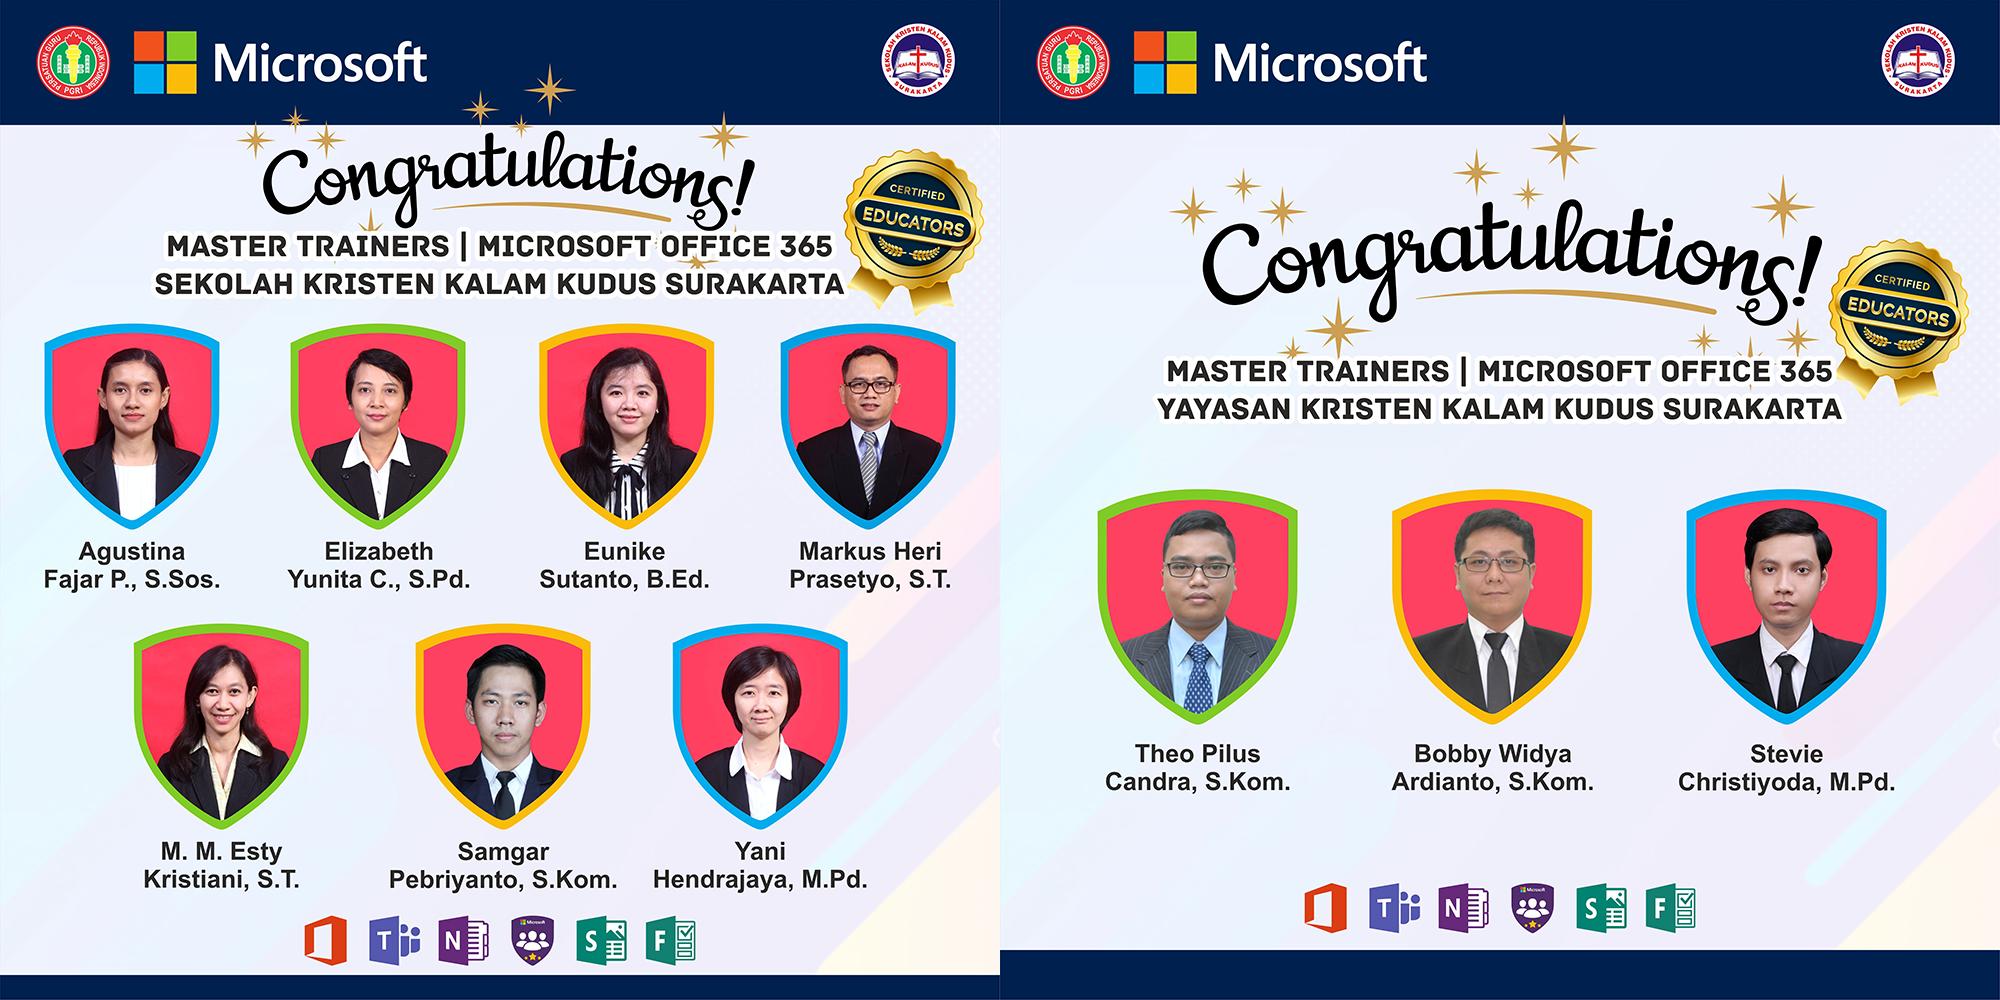 Selamat Guru IP & Staff IT Telah Menyelesaikan Pelatihan Microsoft Office 365